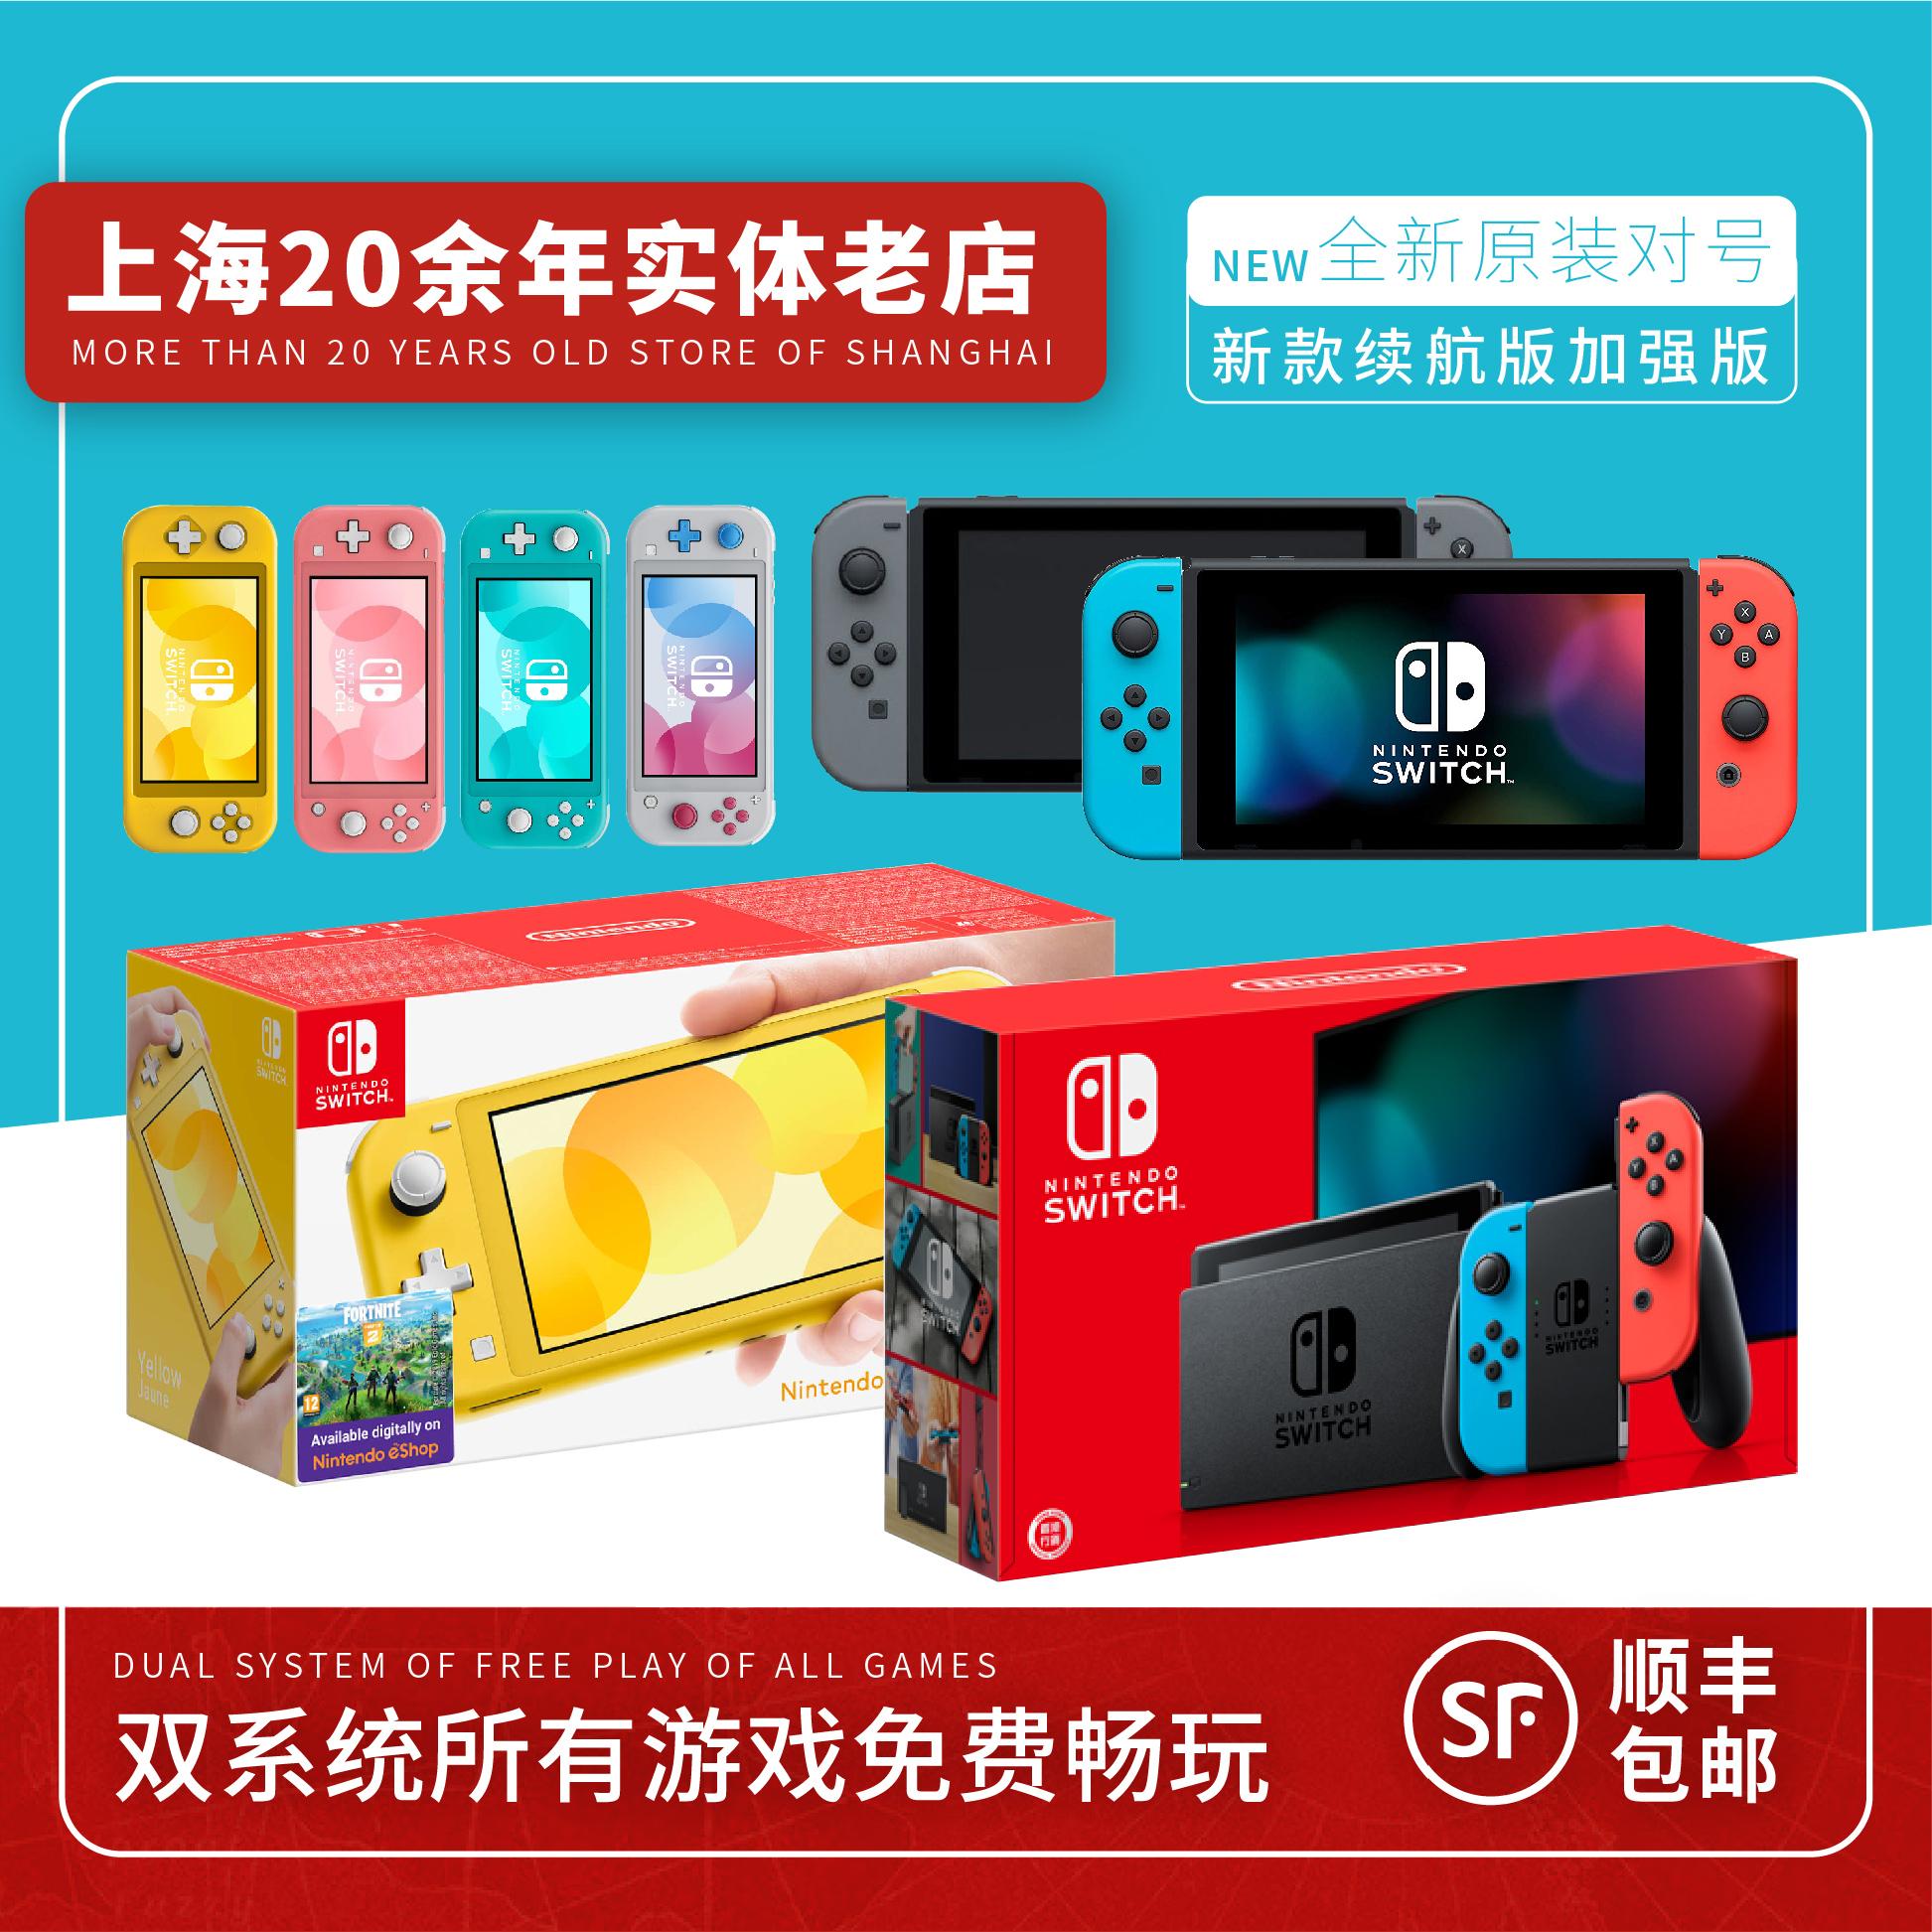 上海实体 全新SWITCH新款NS续航加强版体感游戏主机 双系统破解版